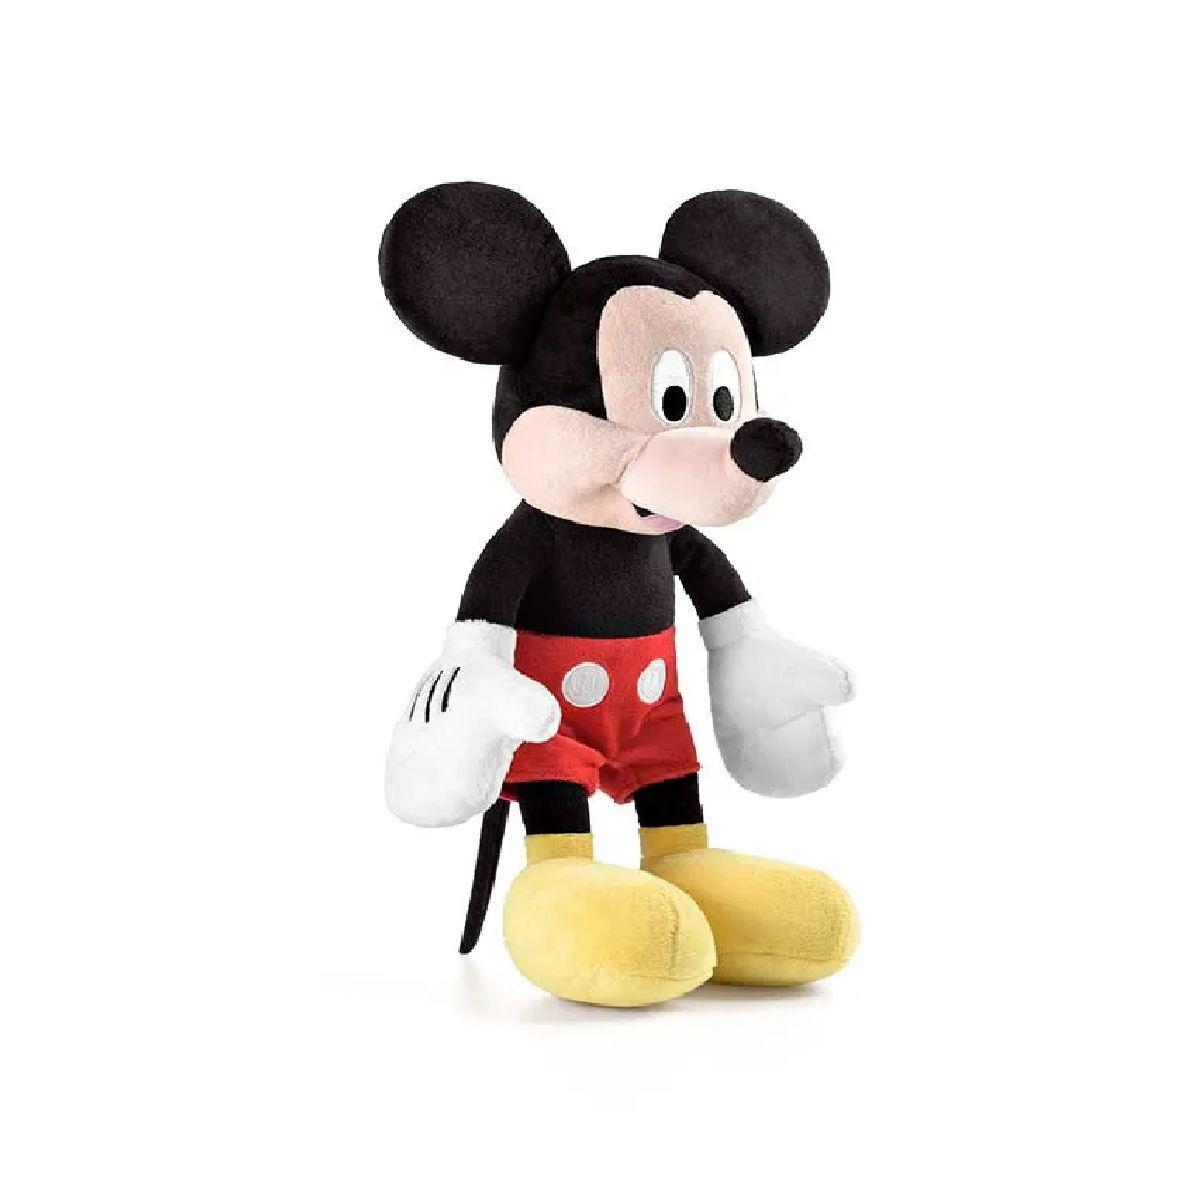 Boneco de Pelúcia Mickey com SOM 33cm - BR332 - Multikids